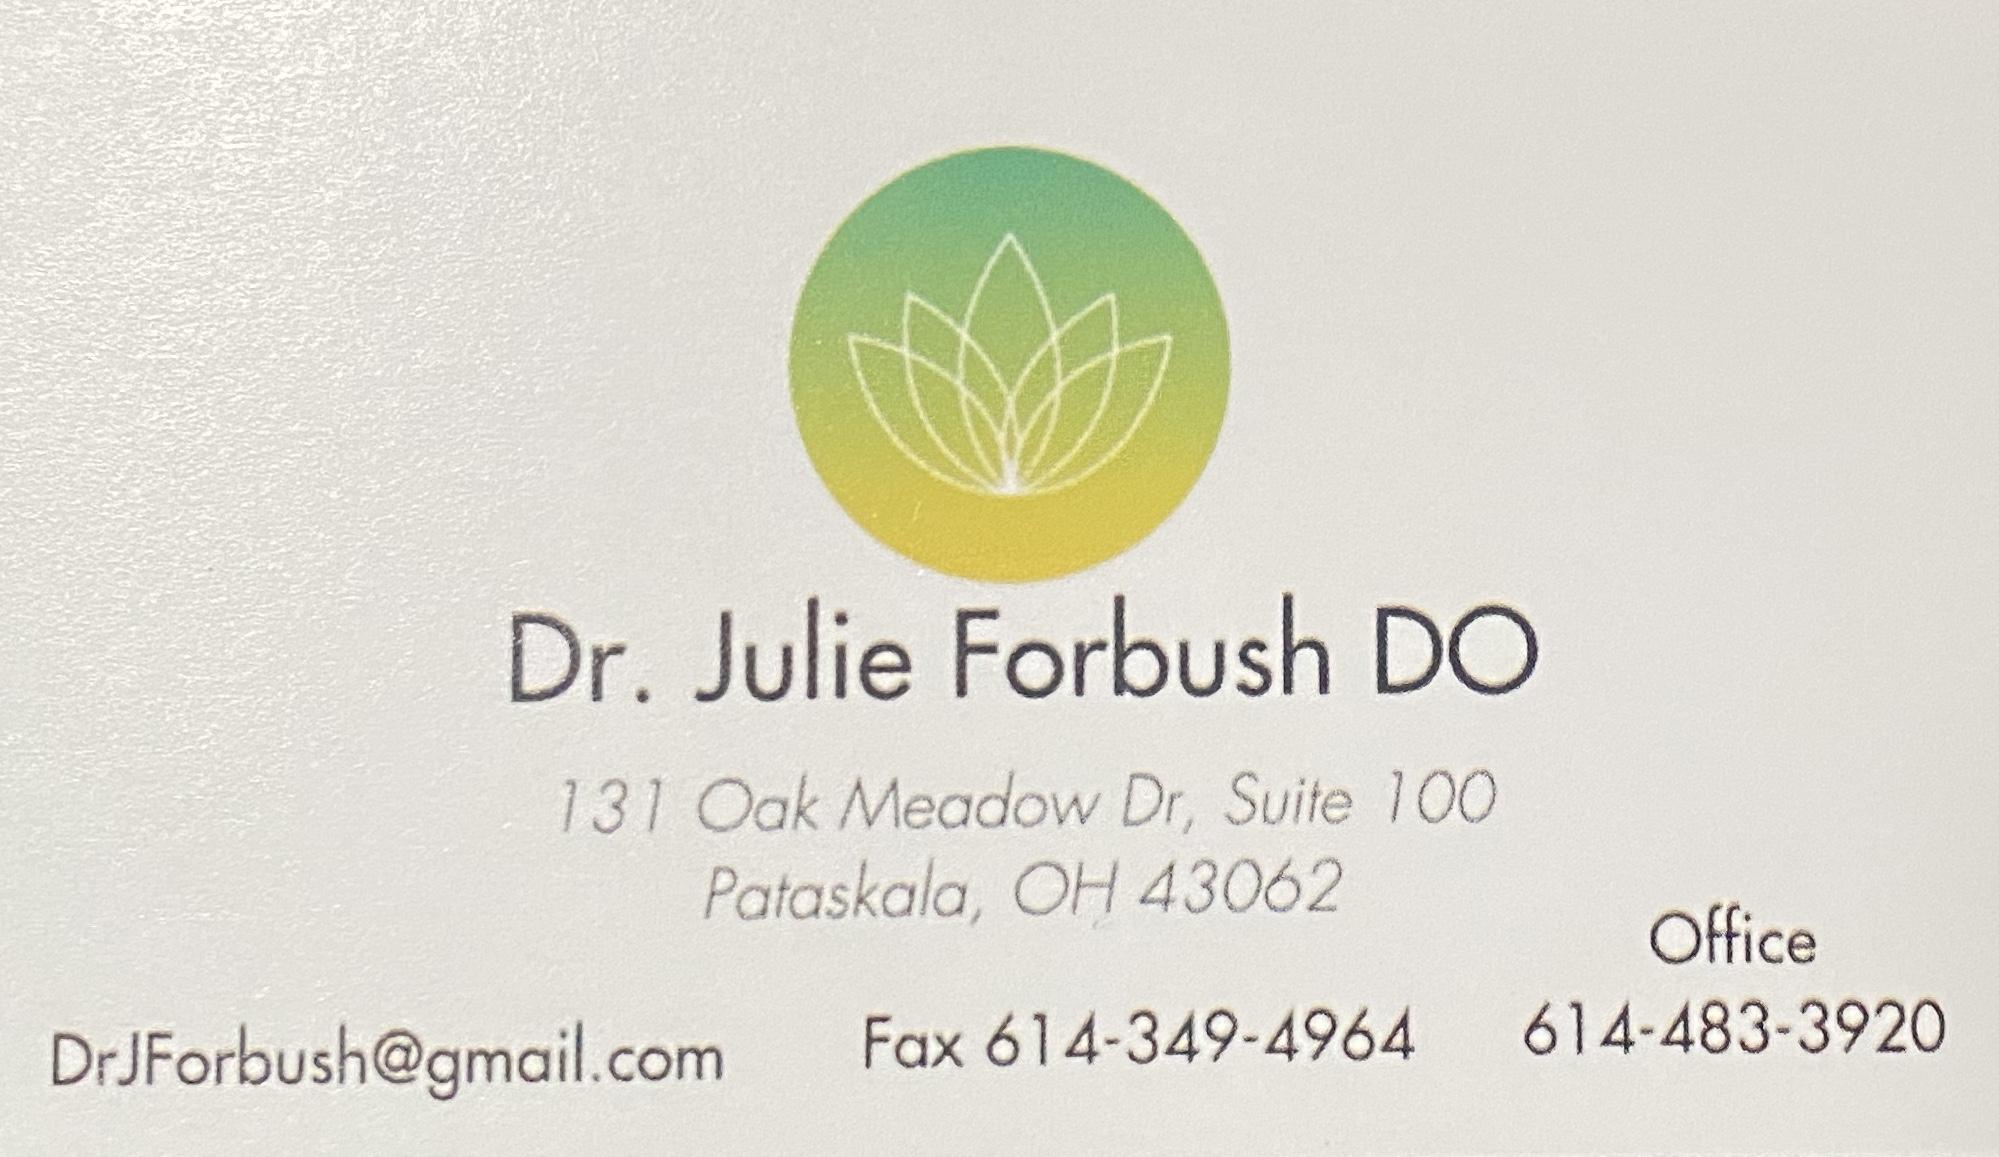 Dr. Julie Forbush DO